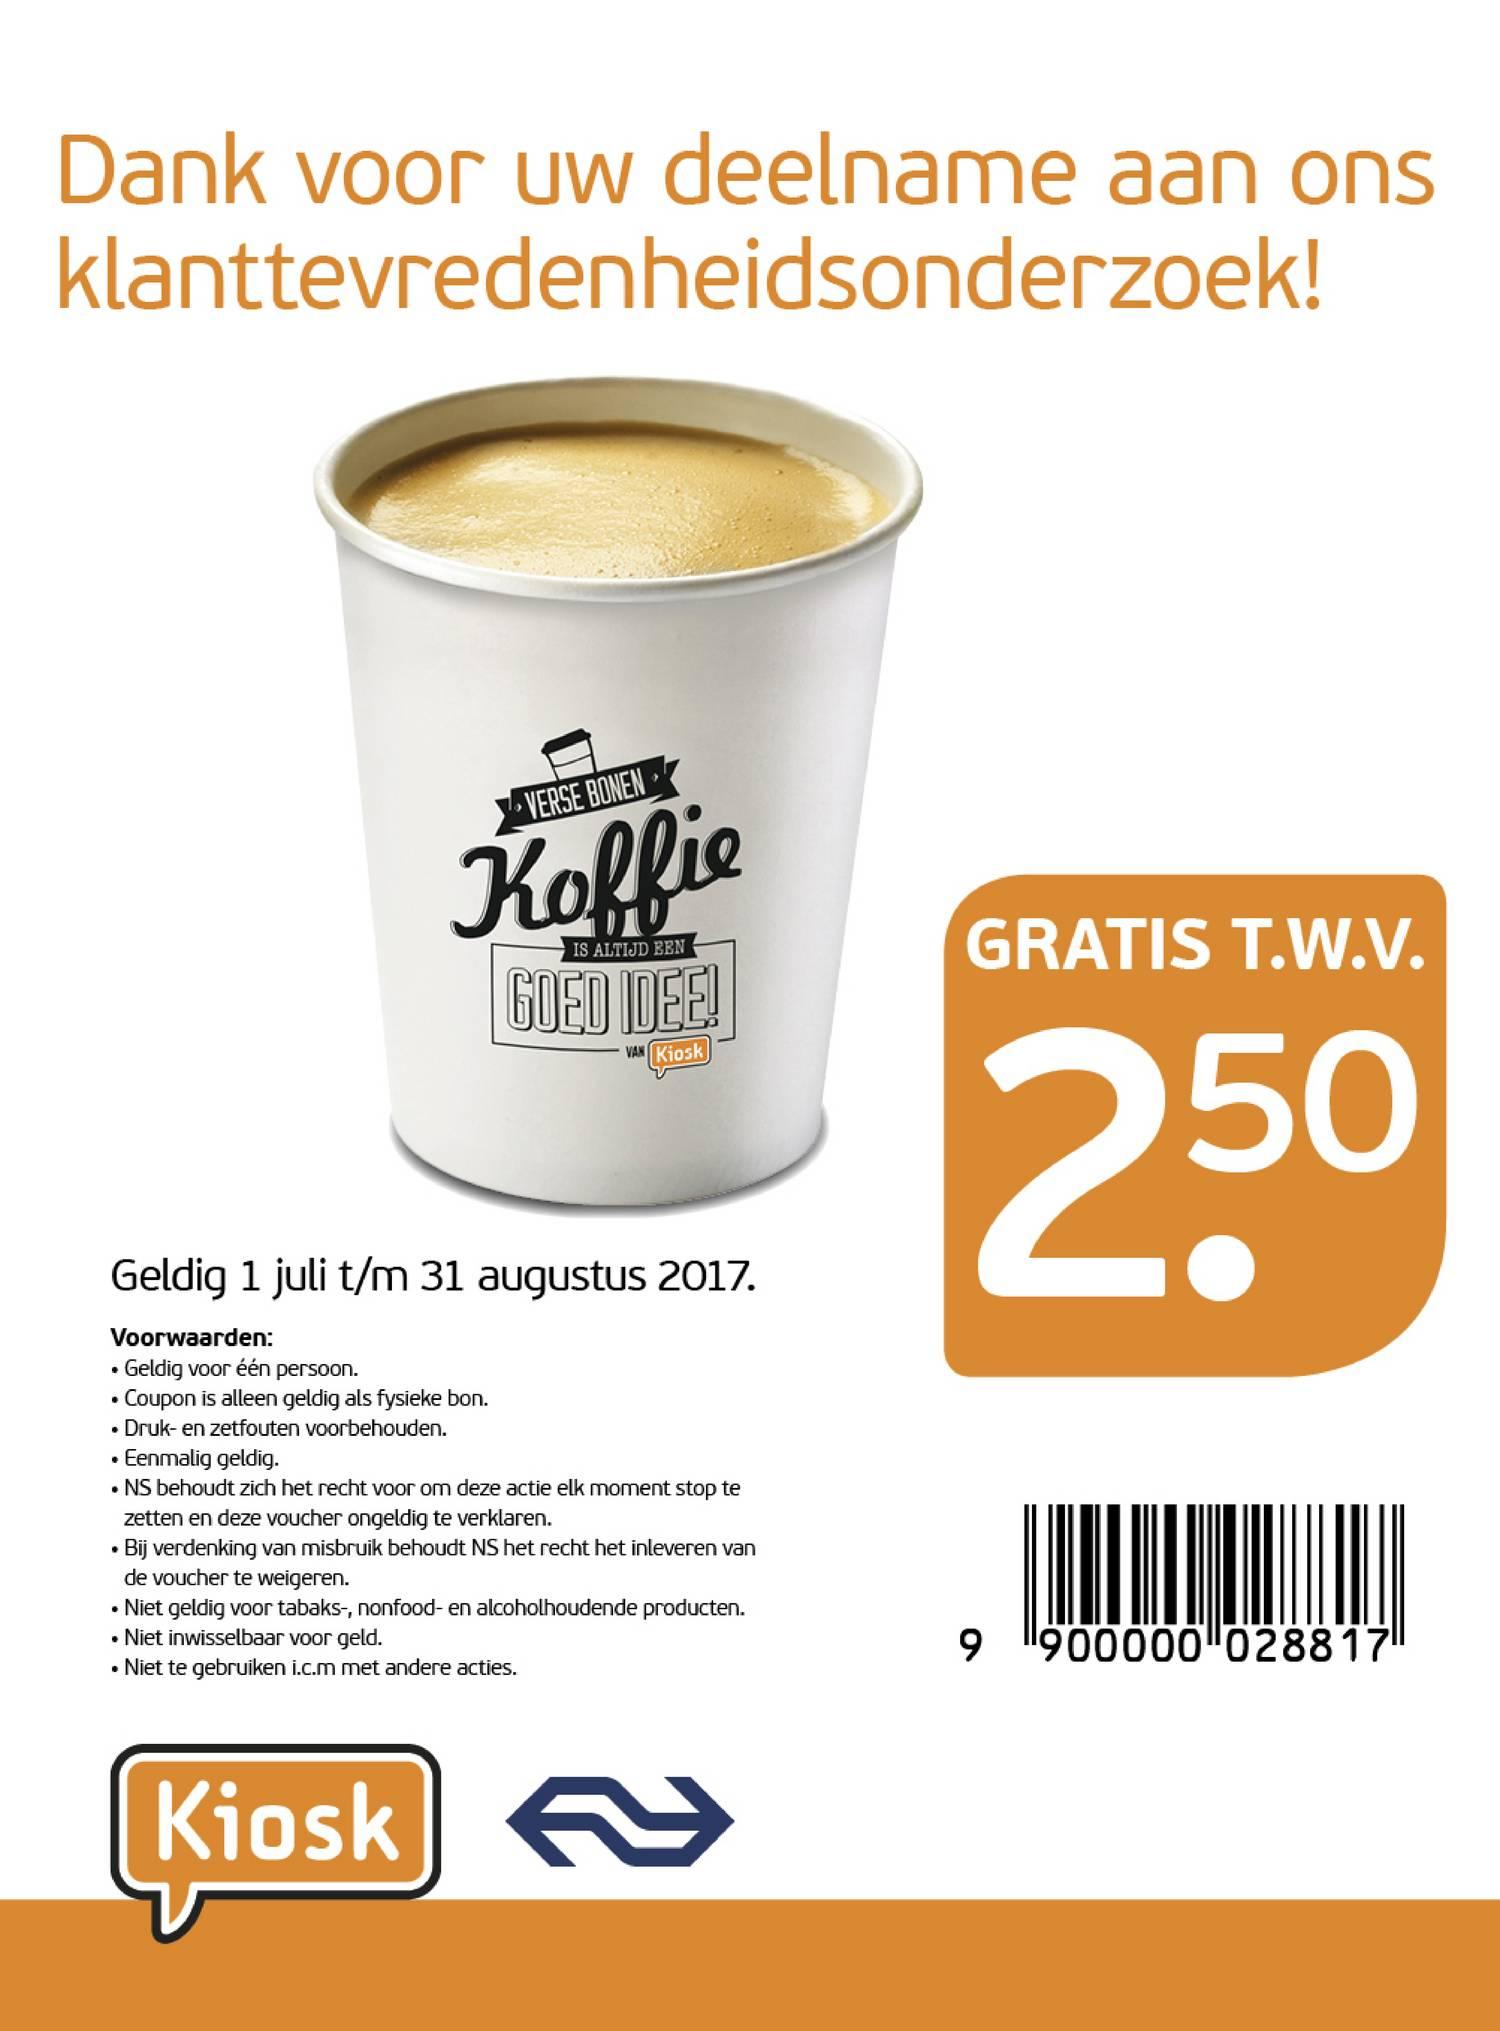 Kiosk Voucher t.w.v. €2,50